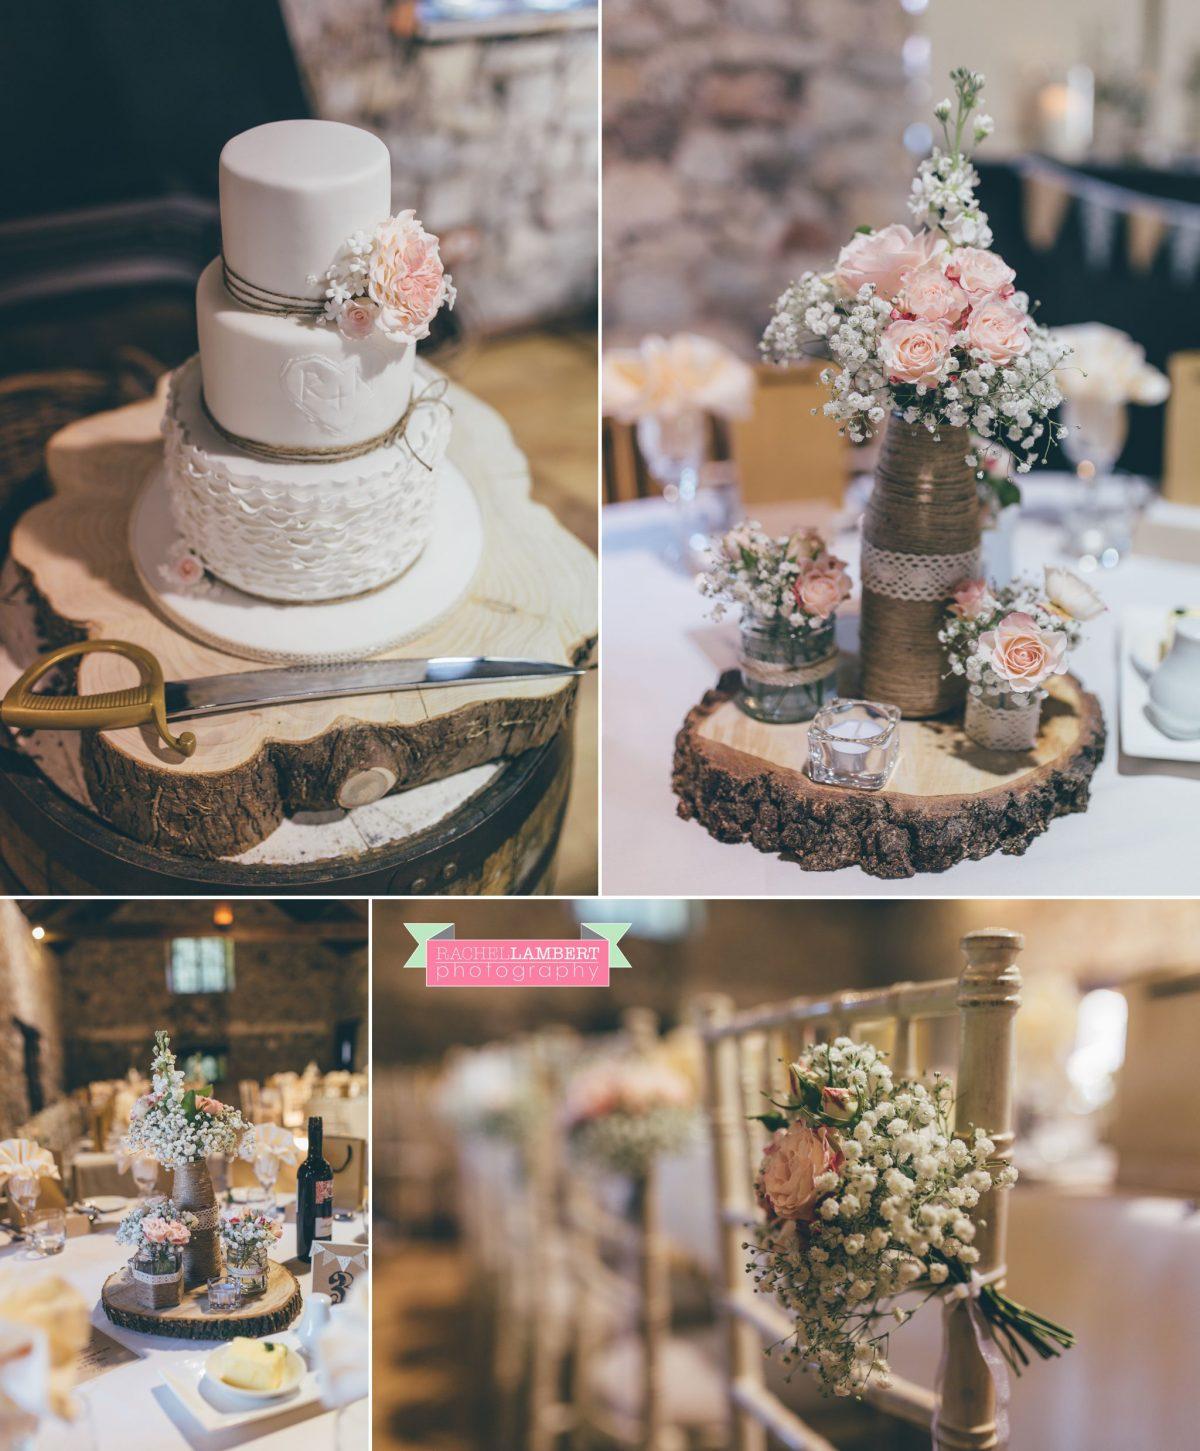 welsh_wedding_photographer_rachel_lambert_photography_pencoed_house_cardiff_rachel_nathan_ 51